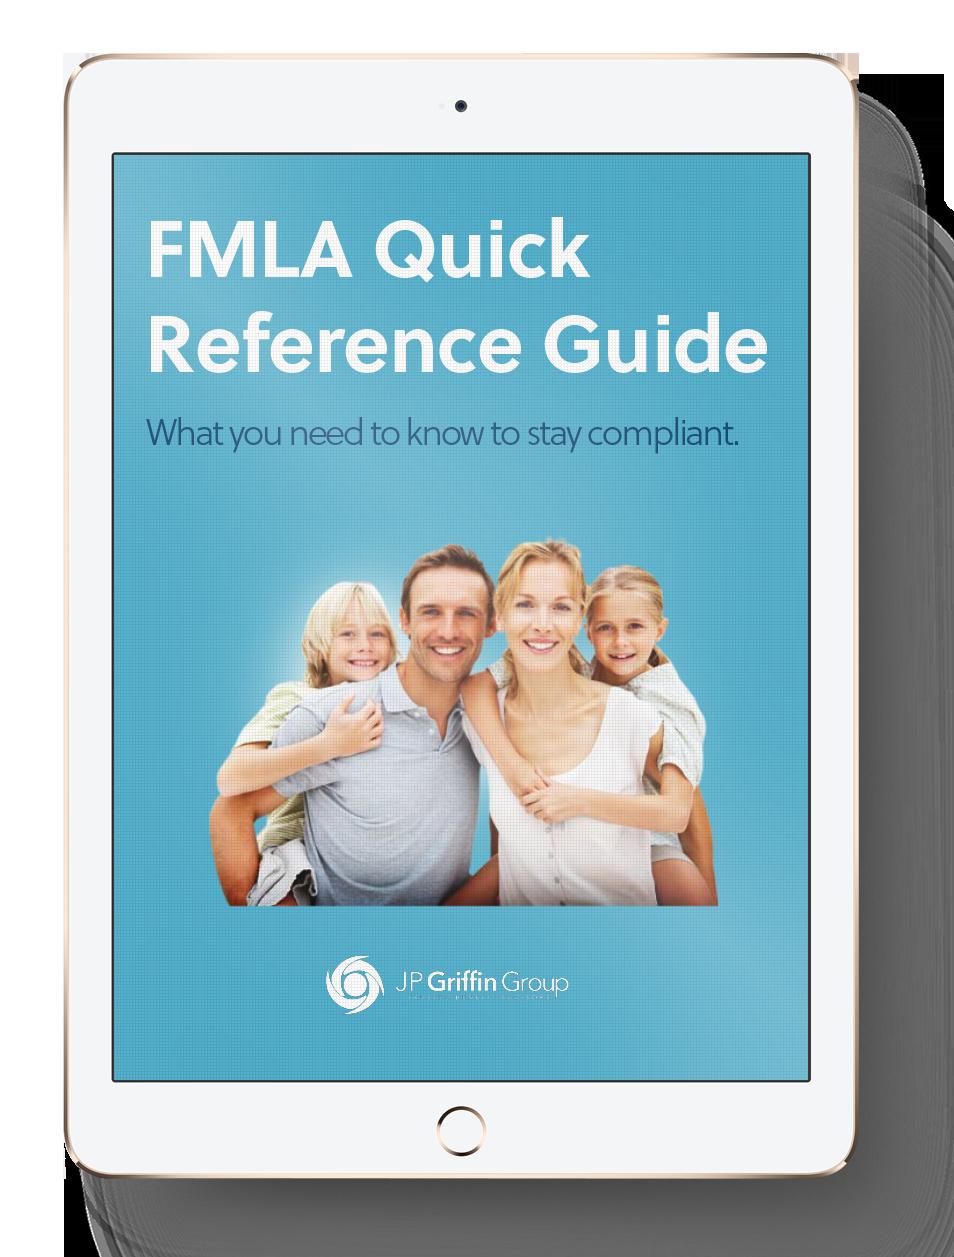 FMLA_Quick_Ref_Guide_iPad_Image_Less_Border